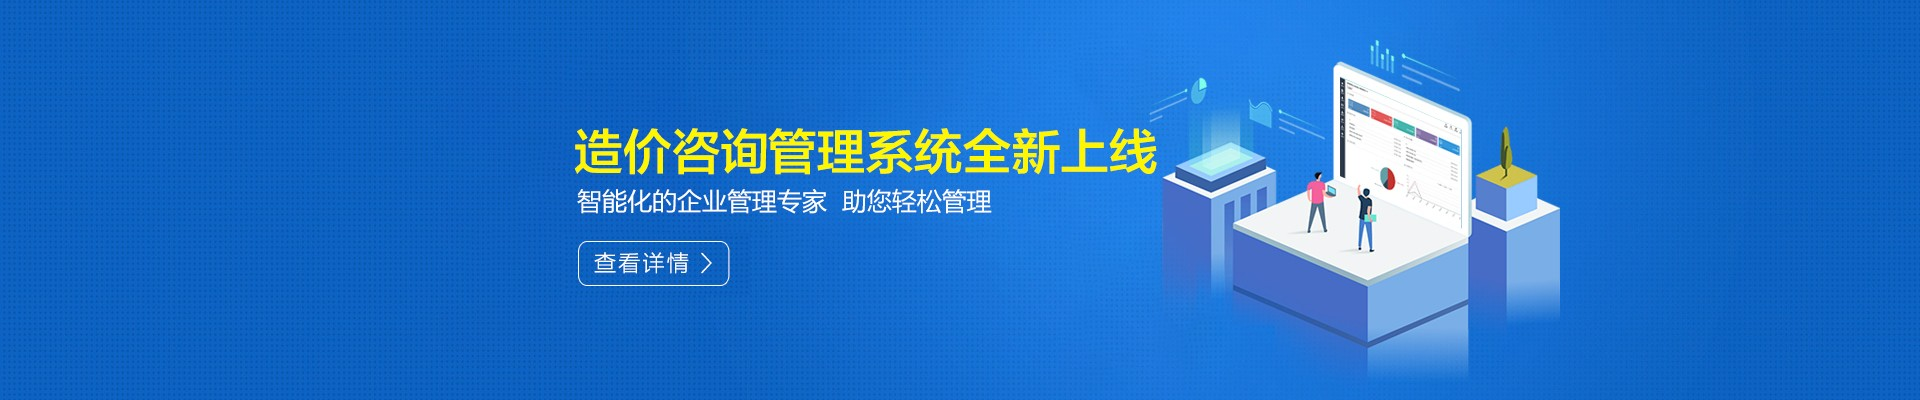 亚博体育官网app工程造价咨询管理系统全新上线